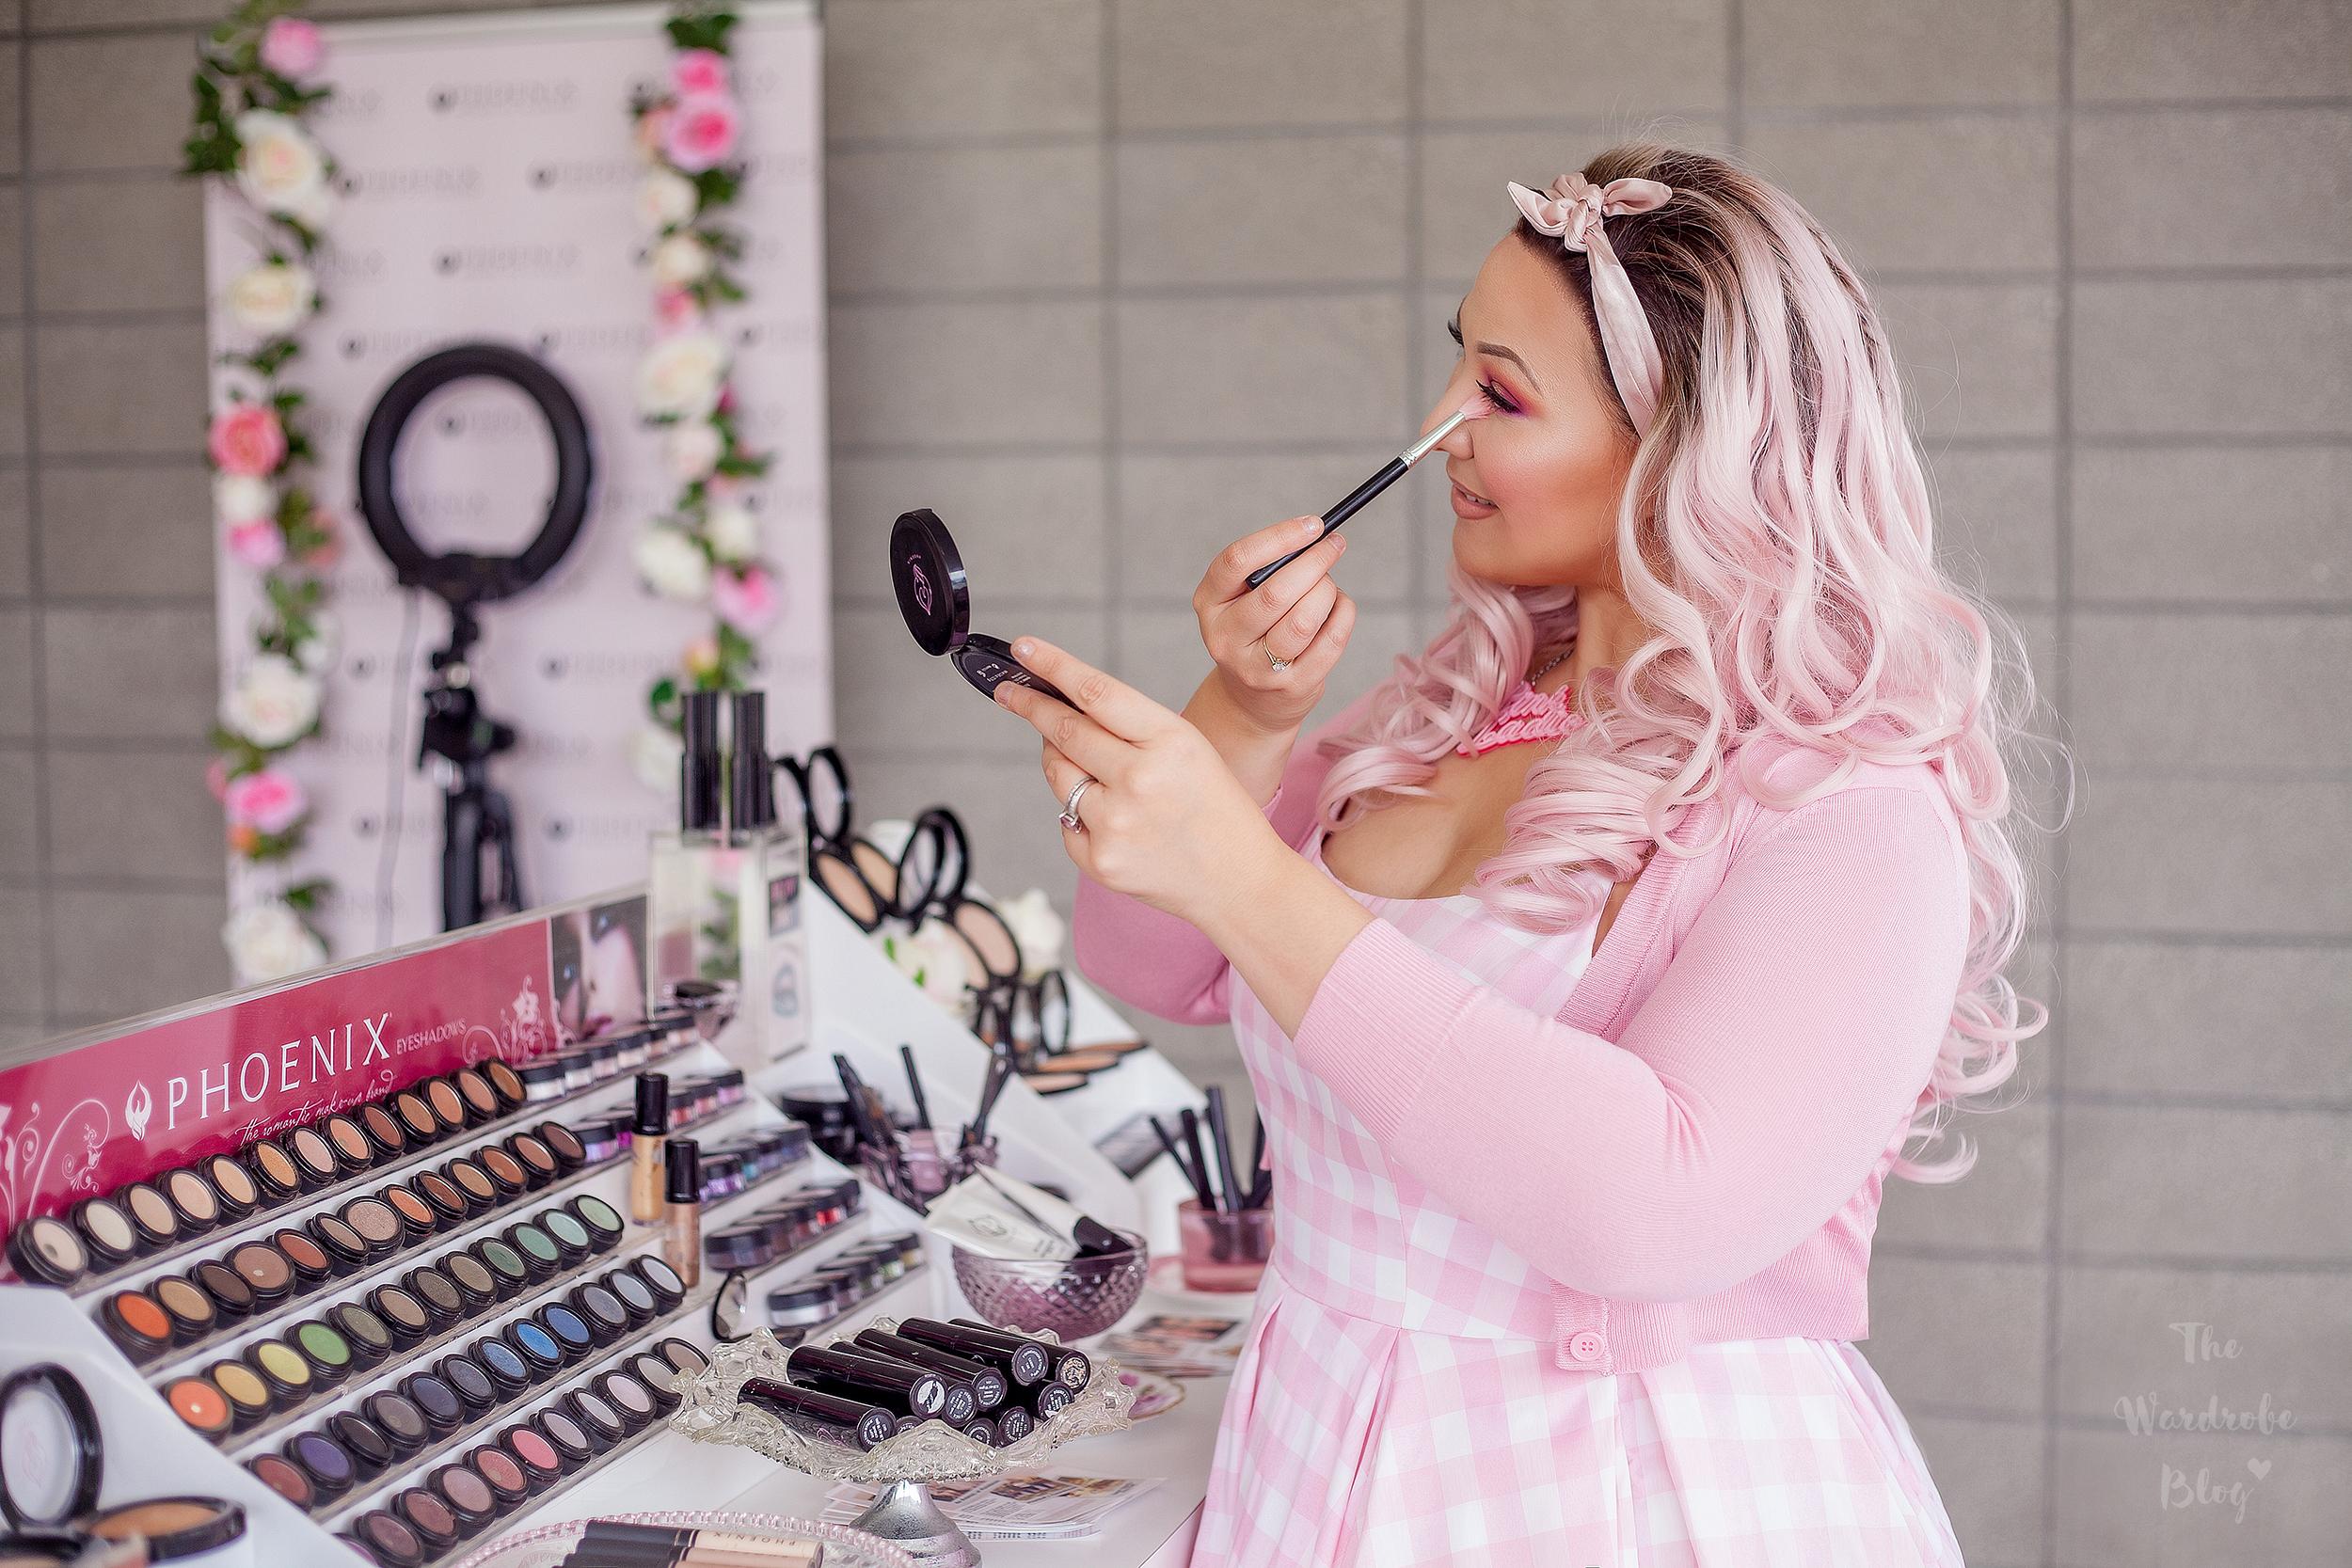 Phoenix-Renata-Cosmetics-Interview-Makeup